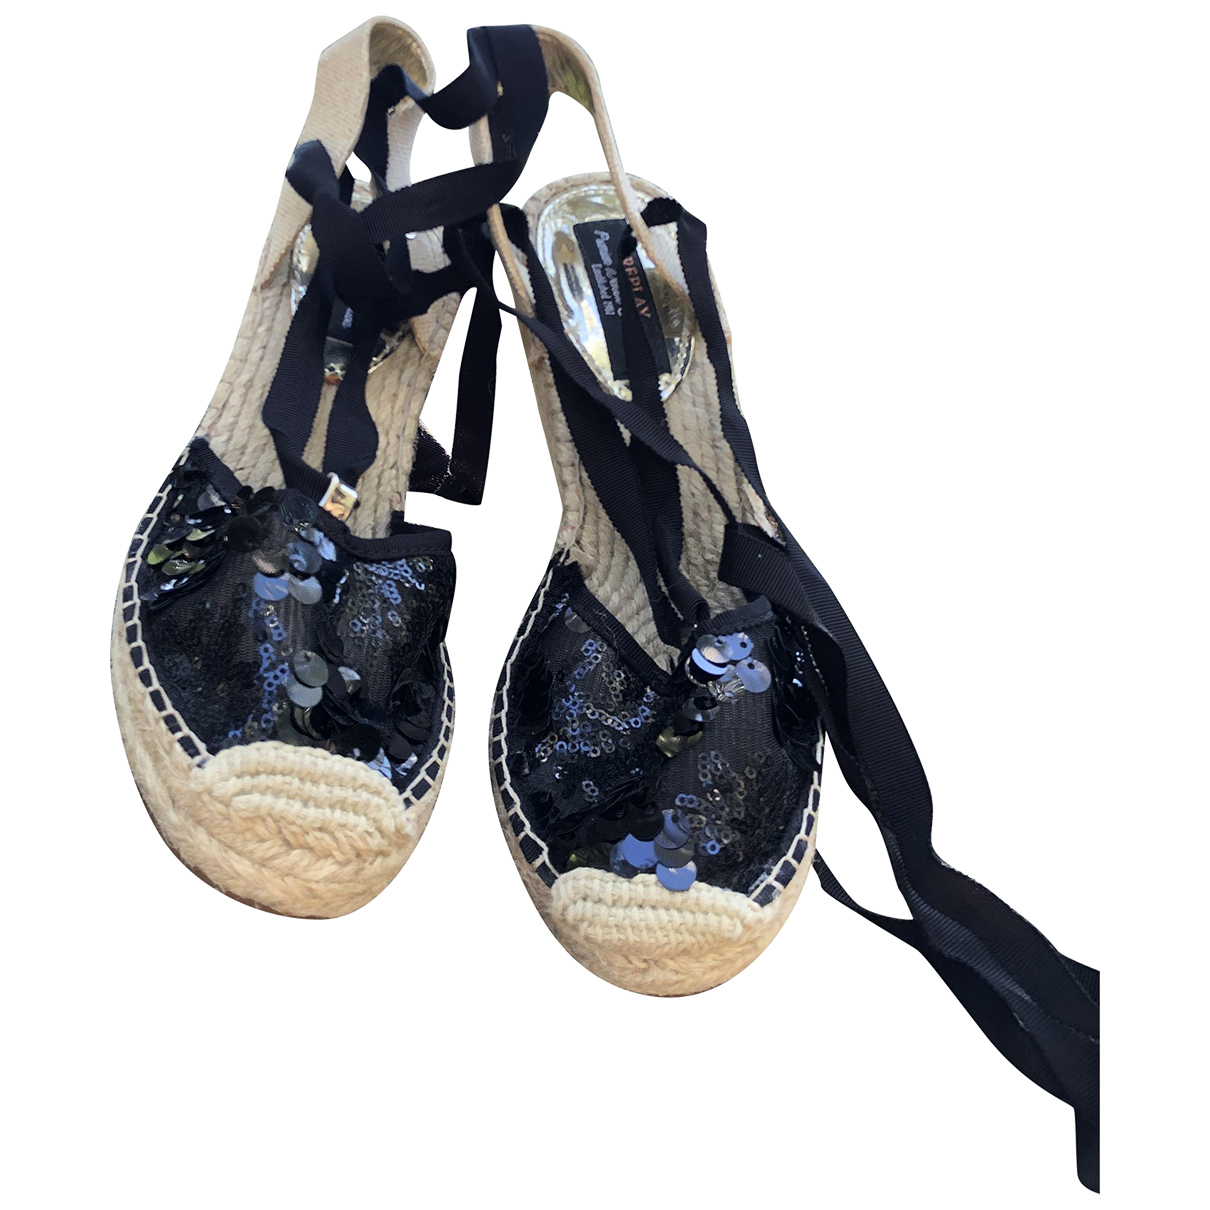 Sandalias de Con lentejuelas Replay